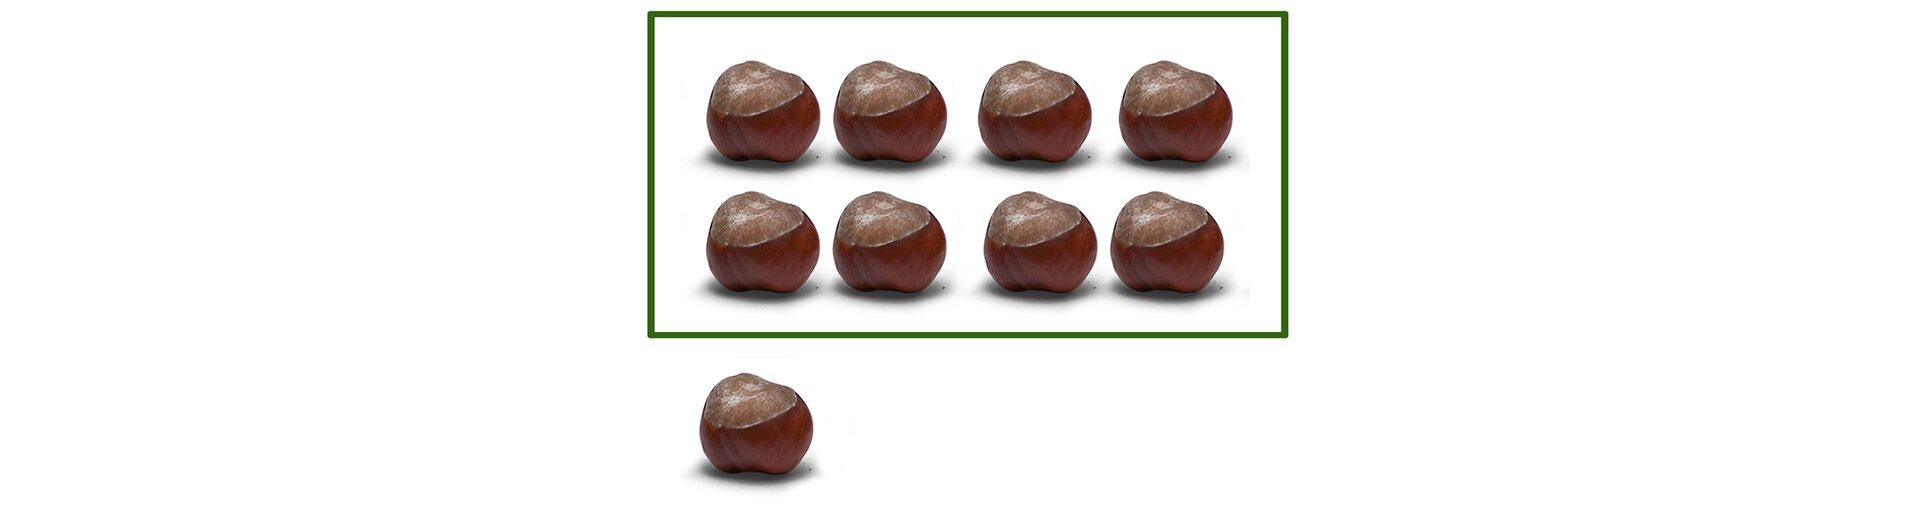 Na rysunku 9 kasztanów. Podzielono je na 2 rzędy po cztery kasztany wkażdym. Został 1 kasztan.